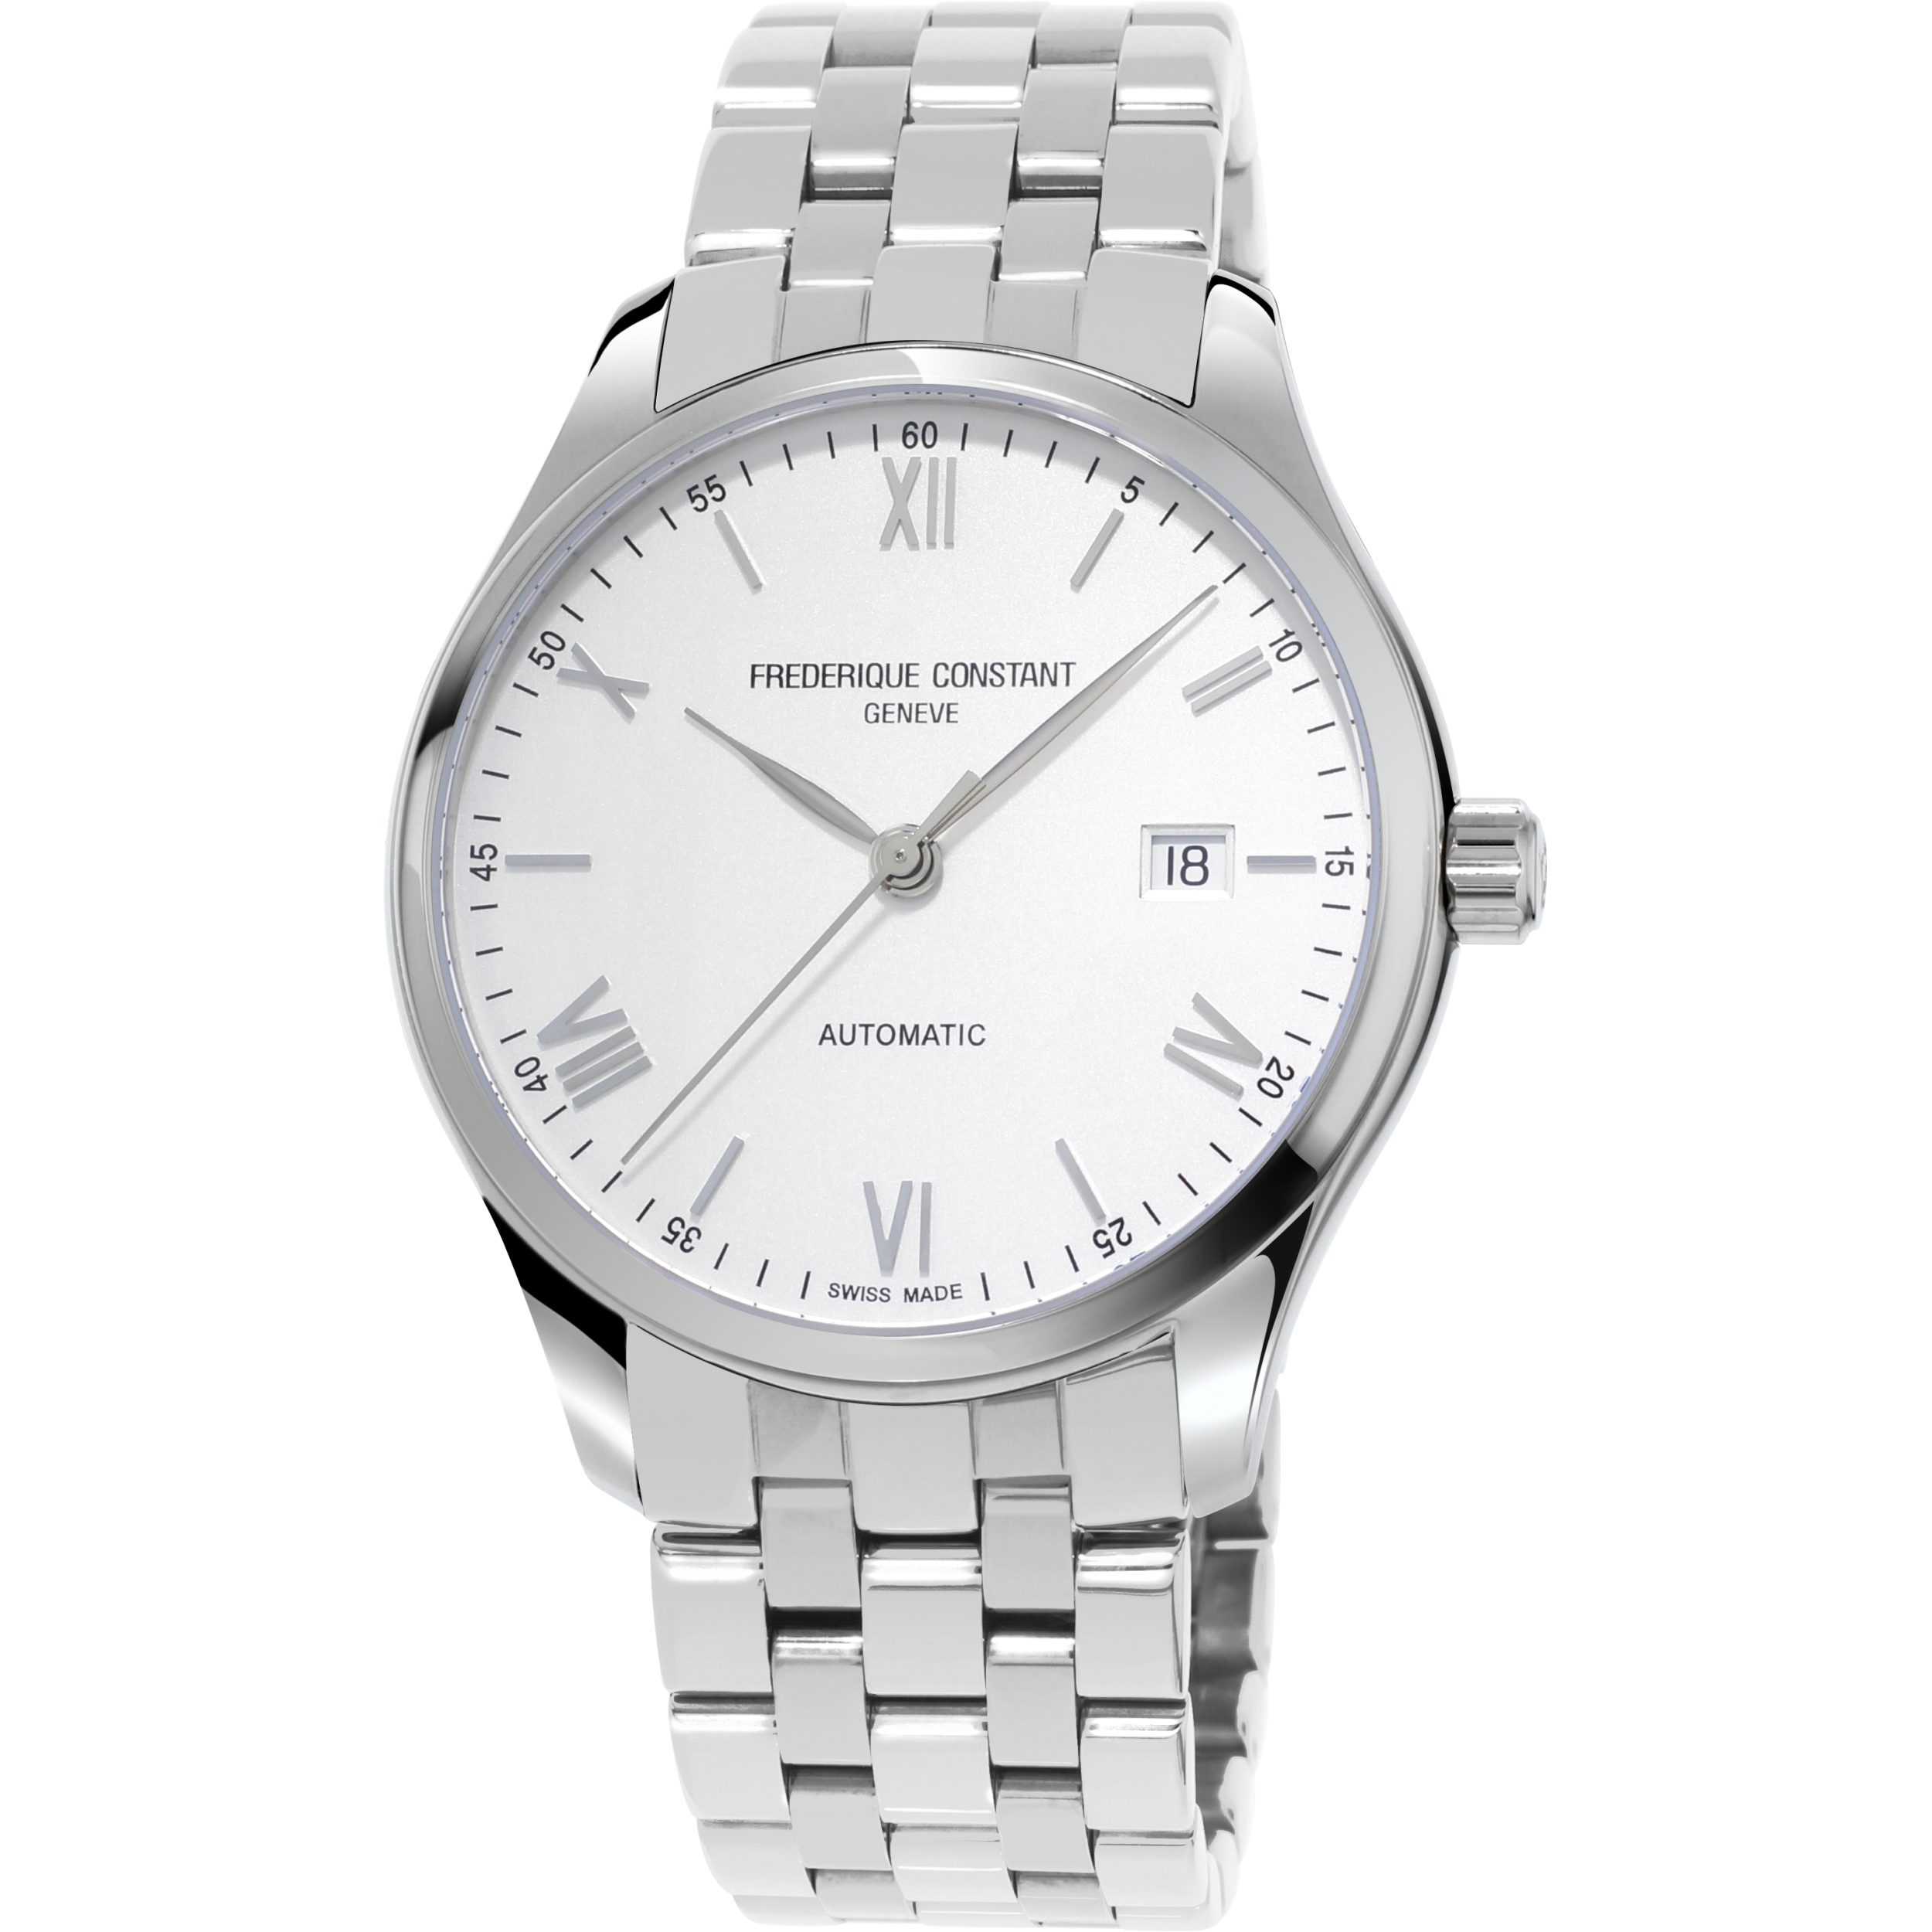 Frederique Constant Men's Index Slim Automatic Watch (1)